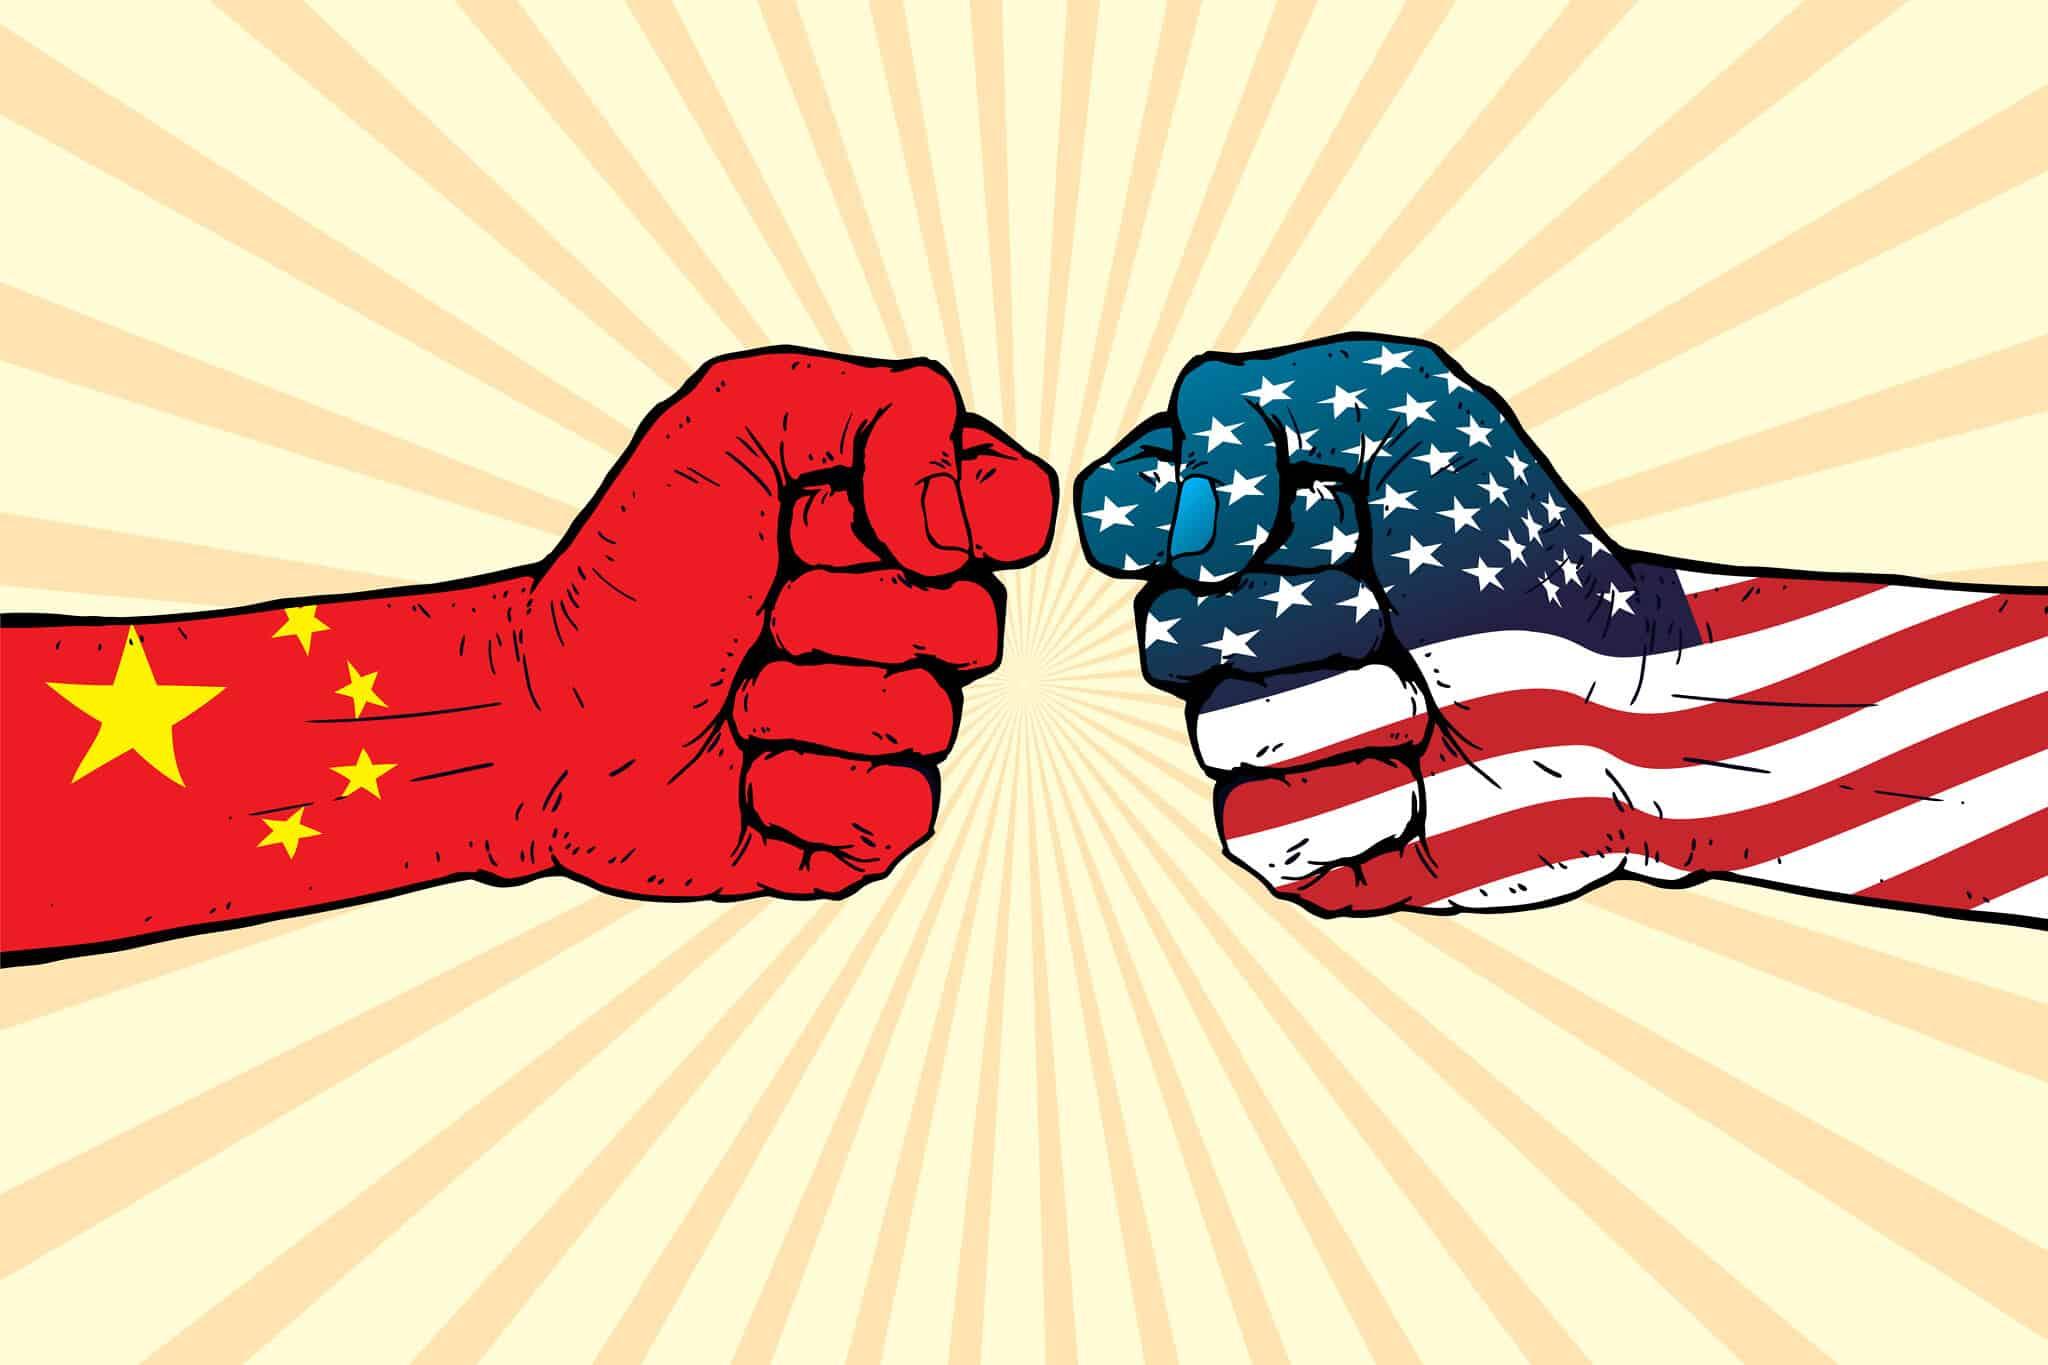 ארצות הברית וסין. אילוסטרציה (צילום: istockphoto/Anson_iStock)